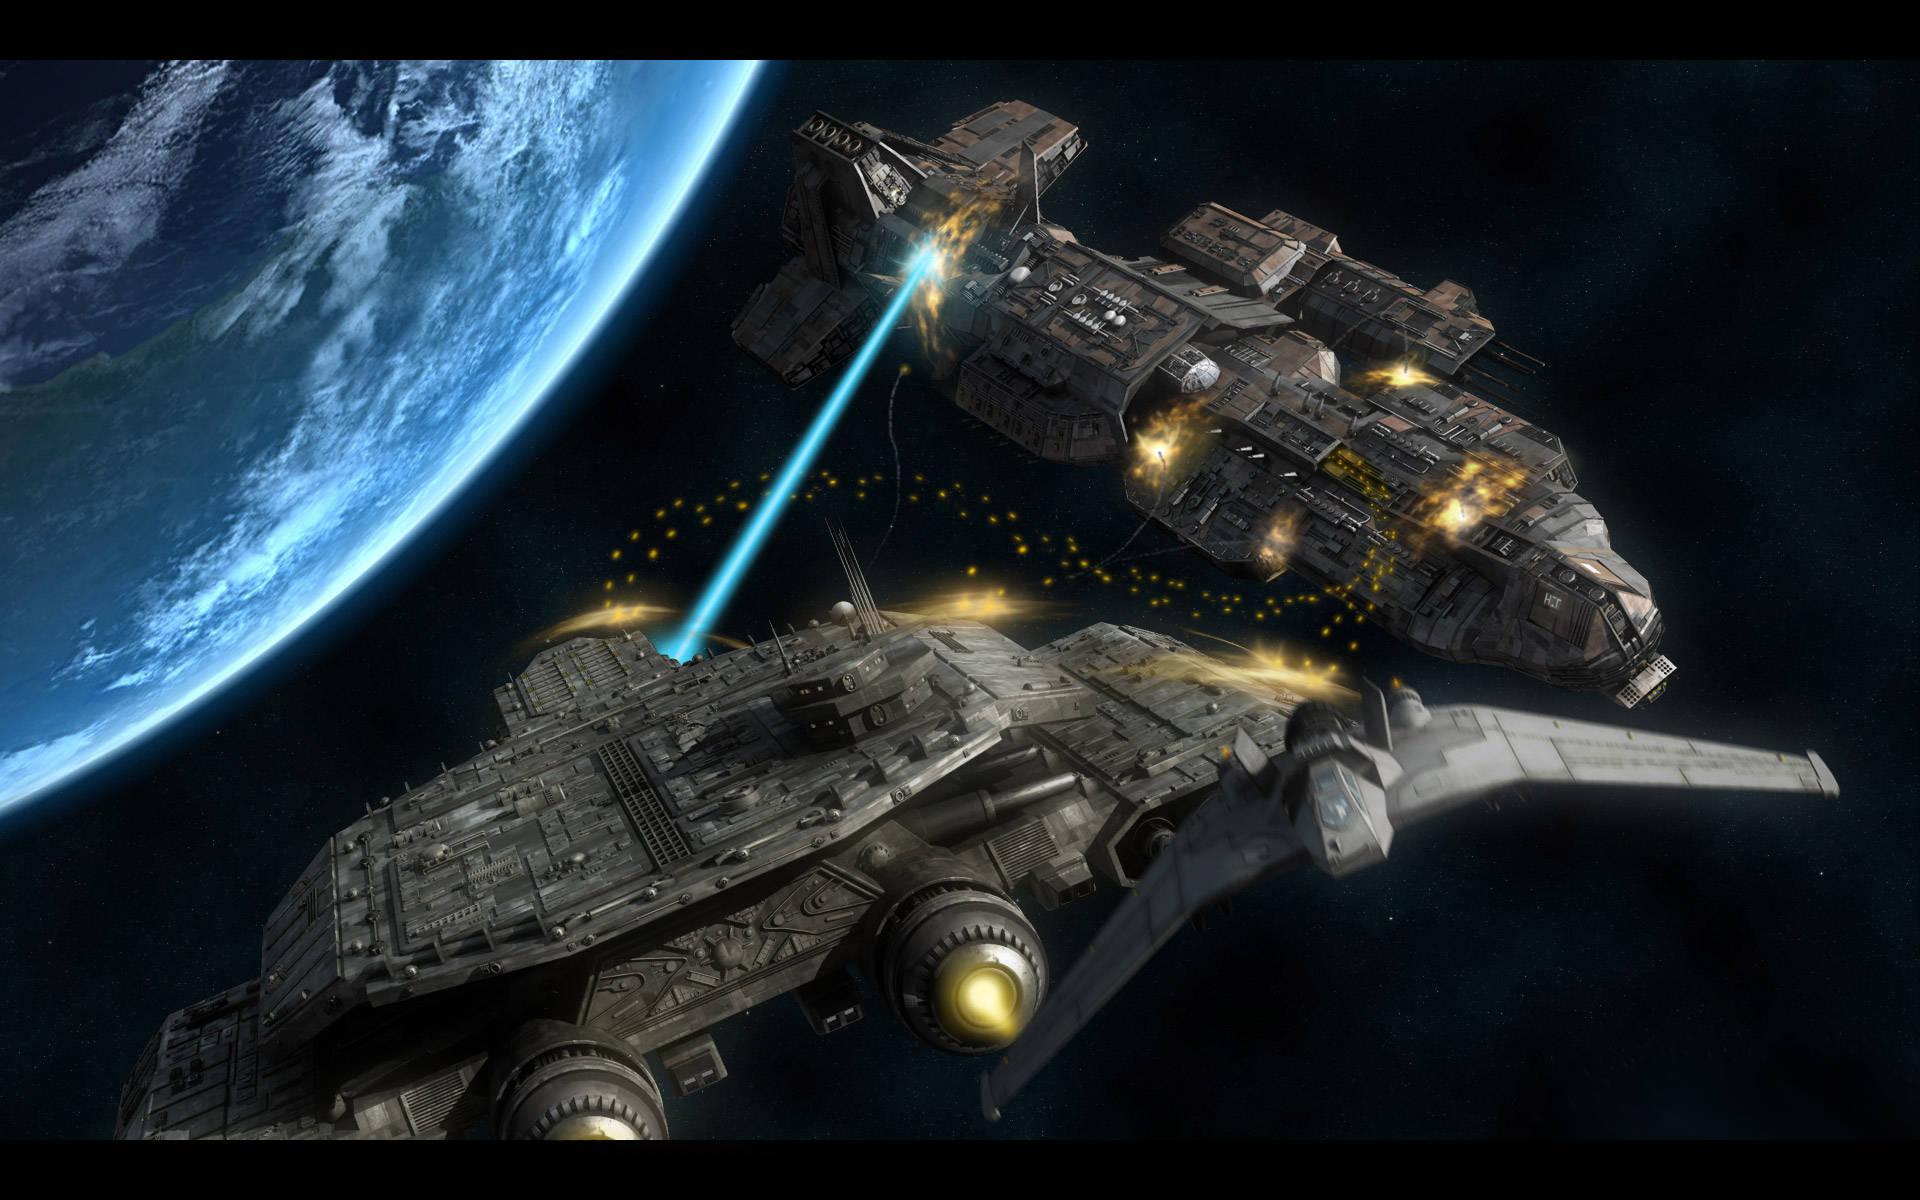 stargate sg 1 spaceships 1920x1200